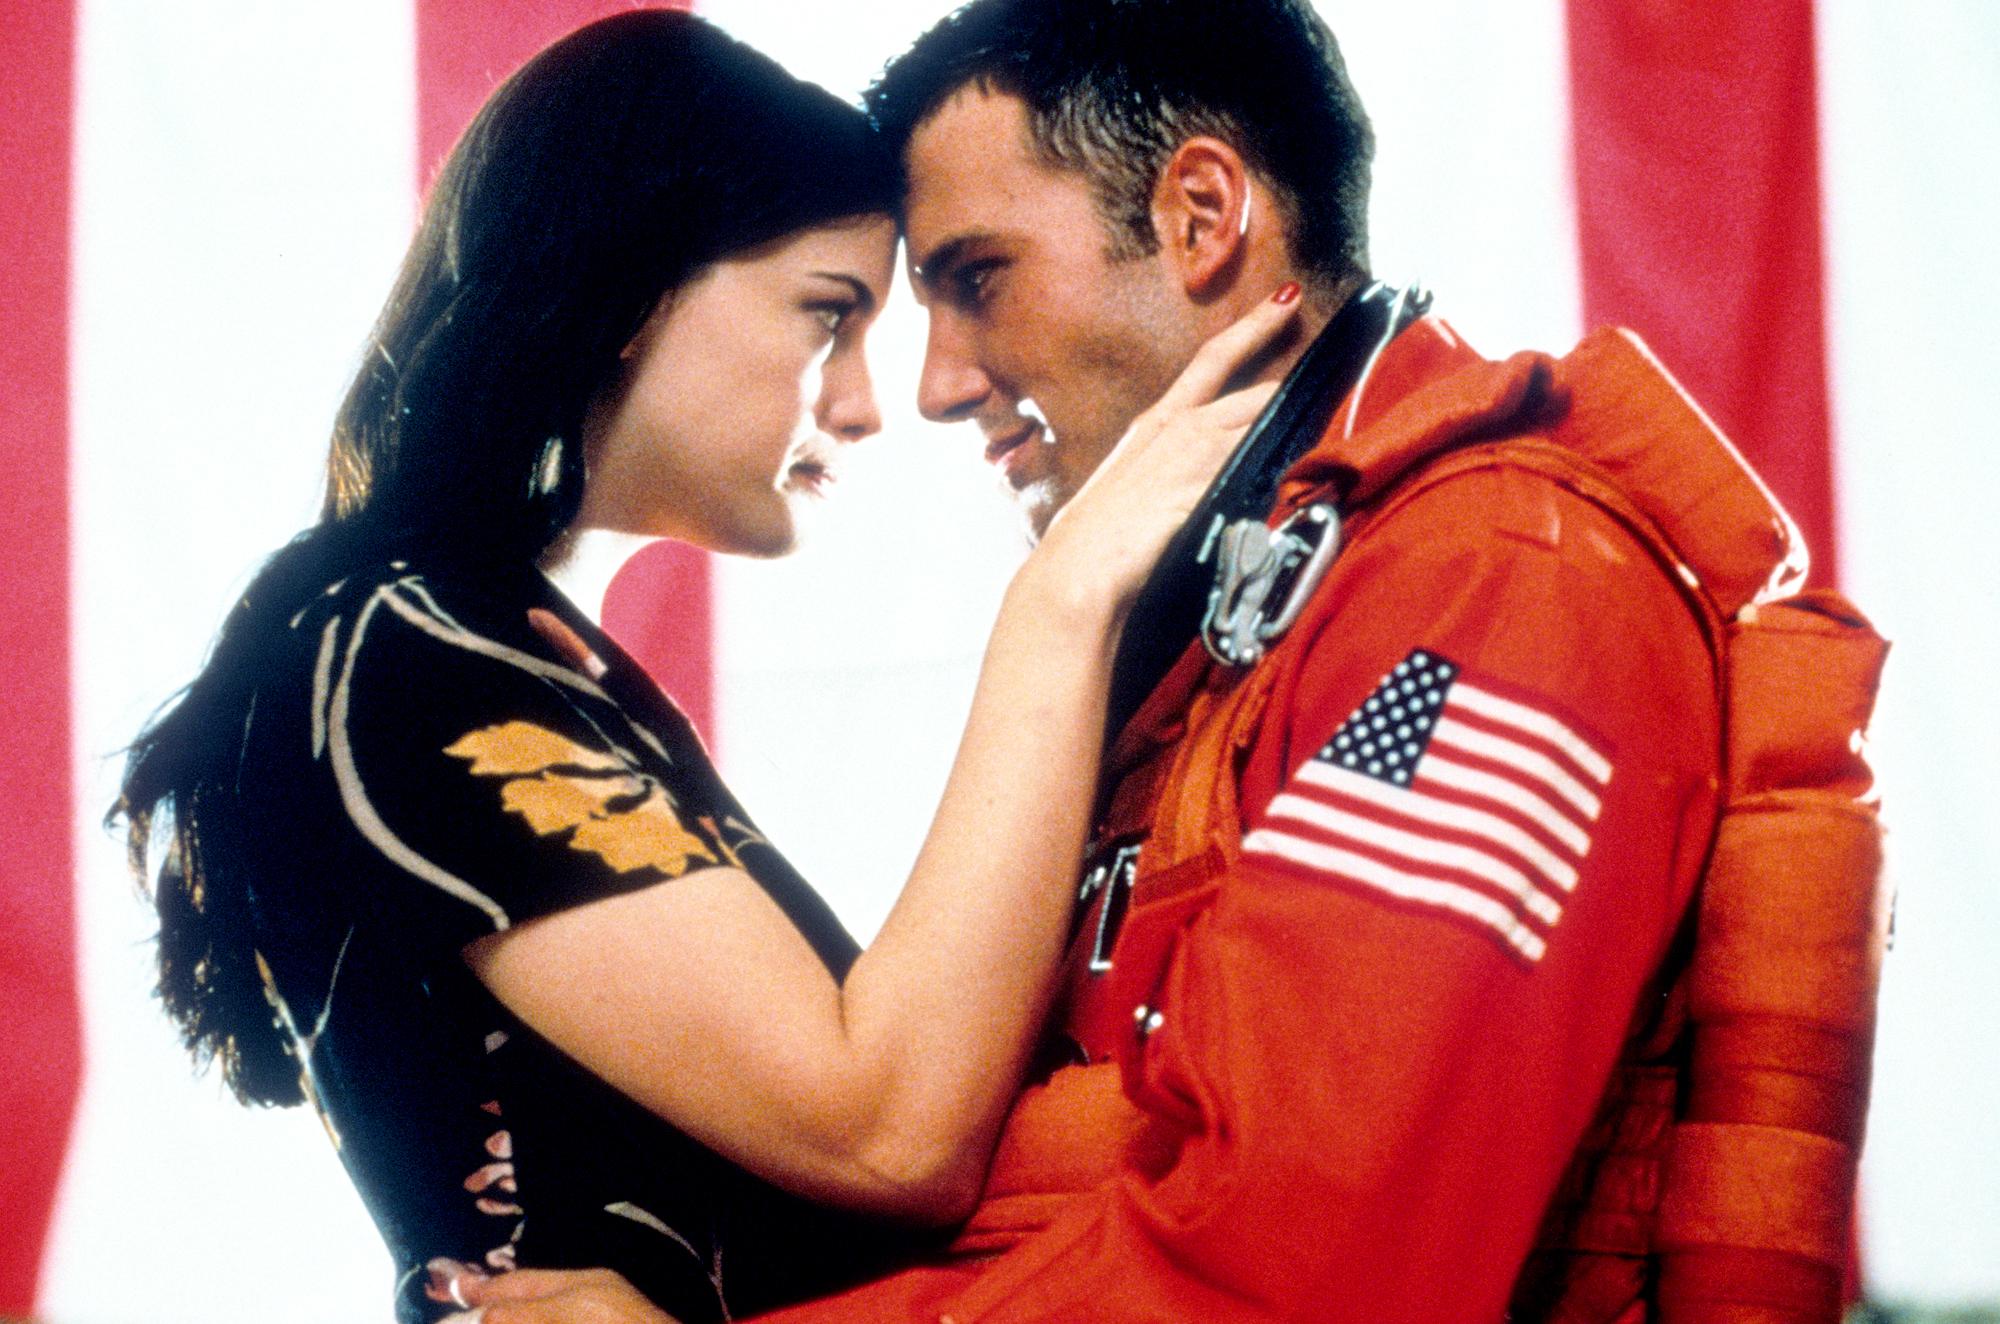 Liv Tyler and Ben Affleck